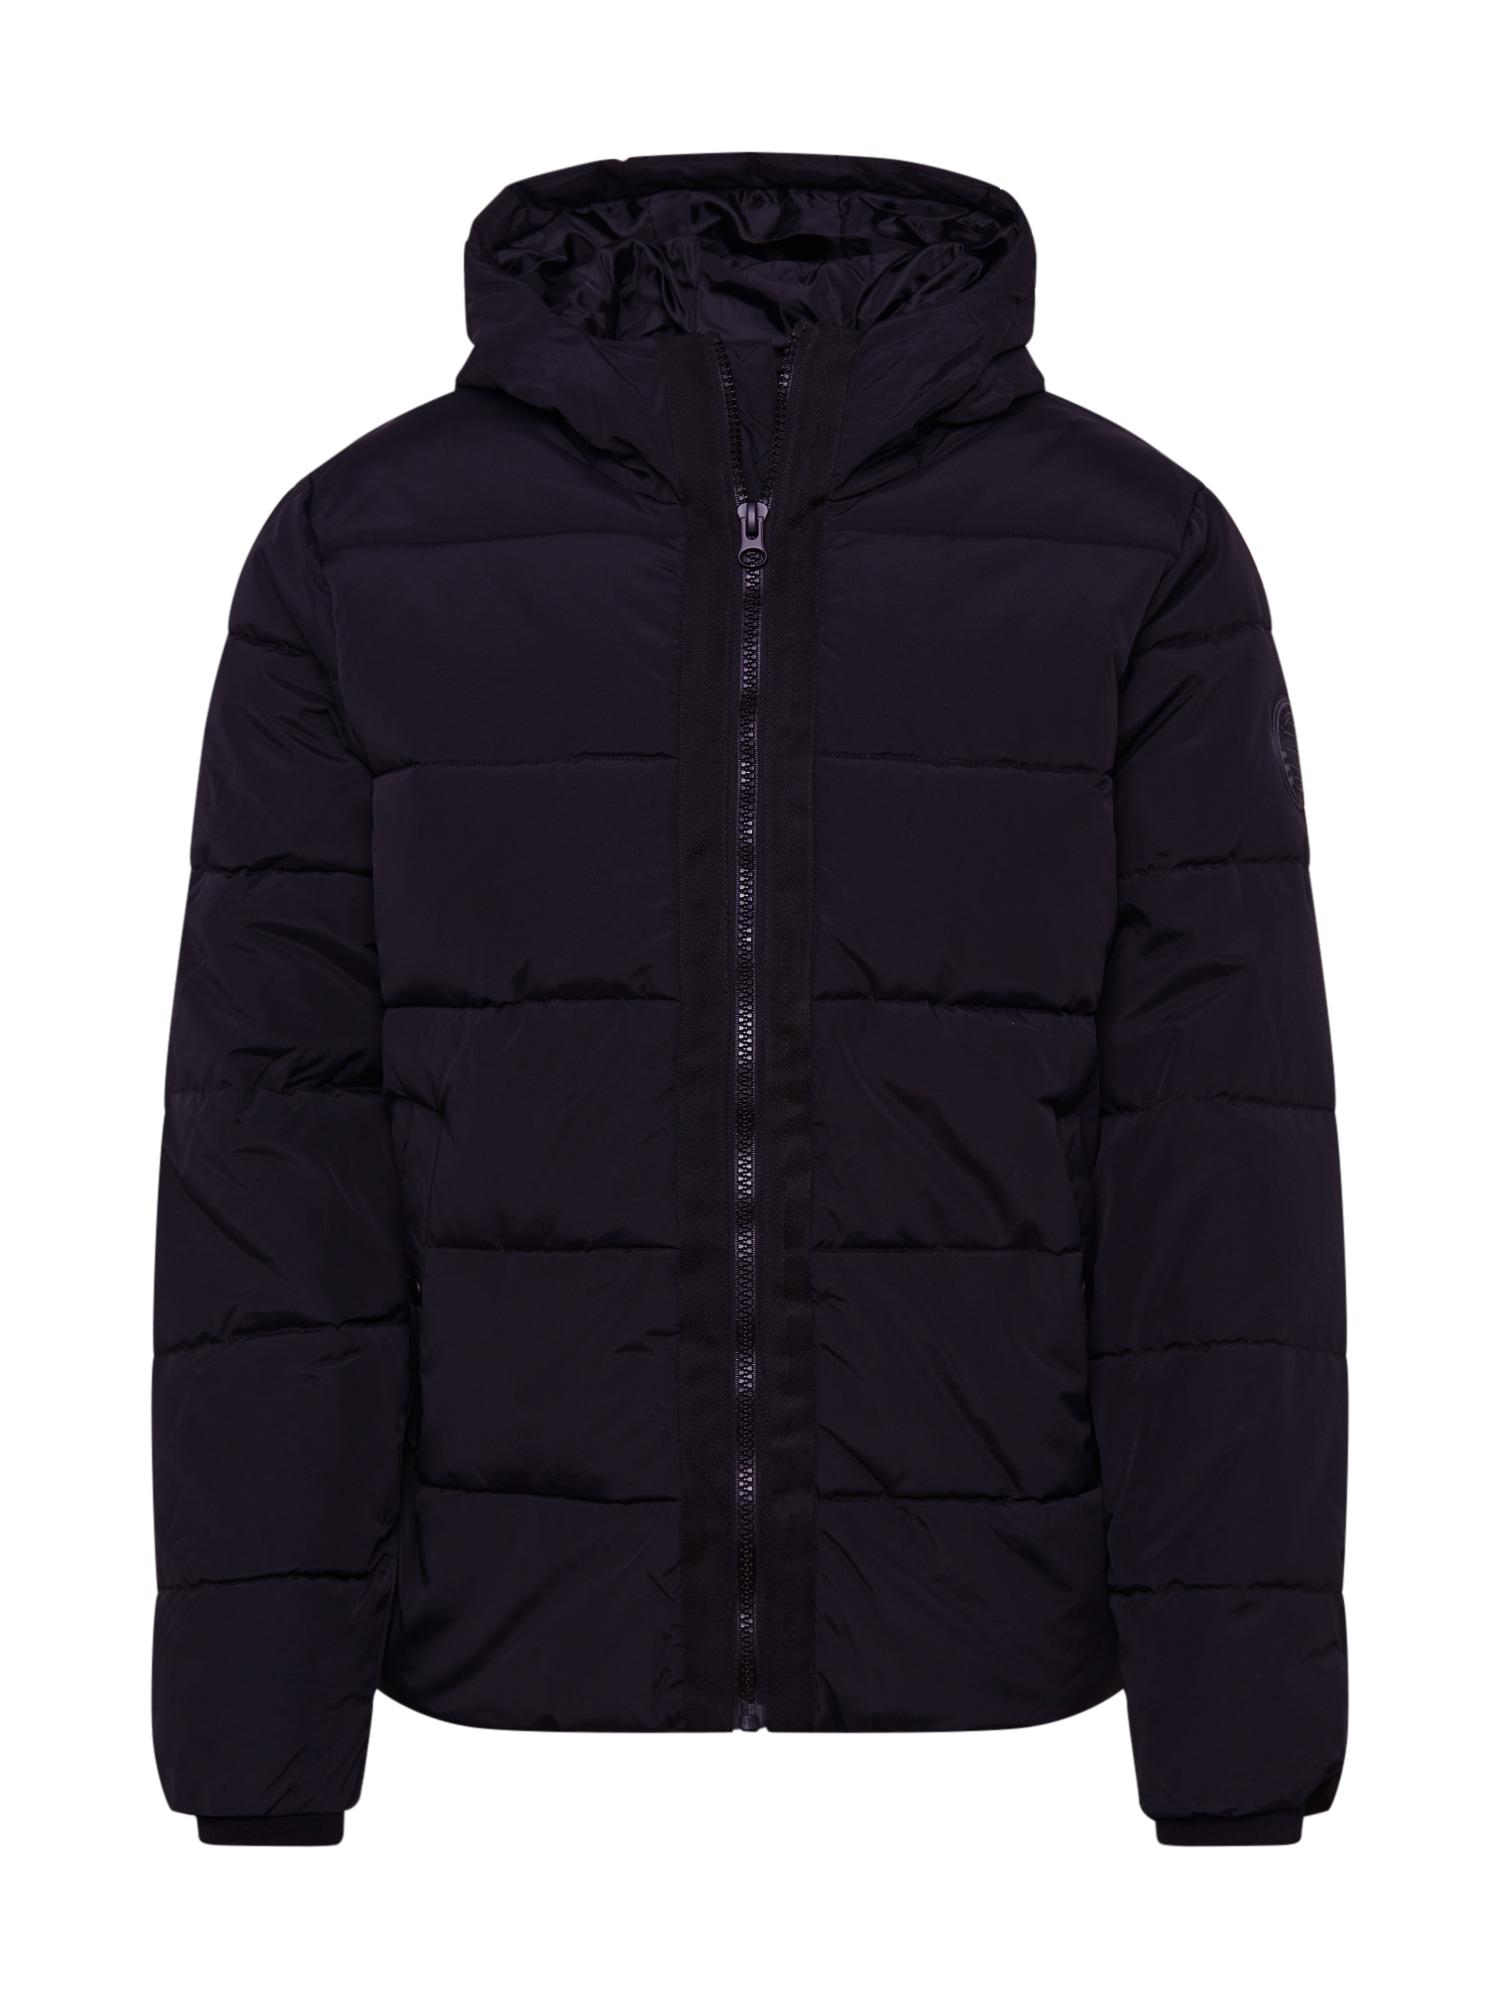 BURTON MENSWEAR LONDON Žieminė striukė juoda